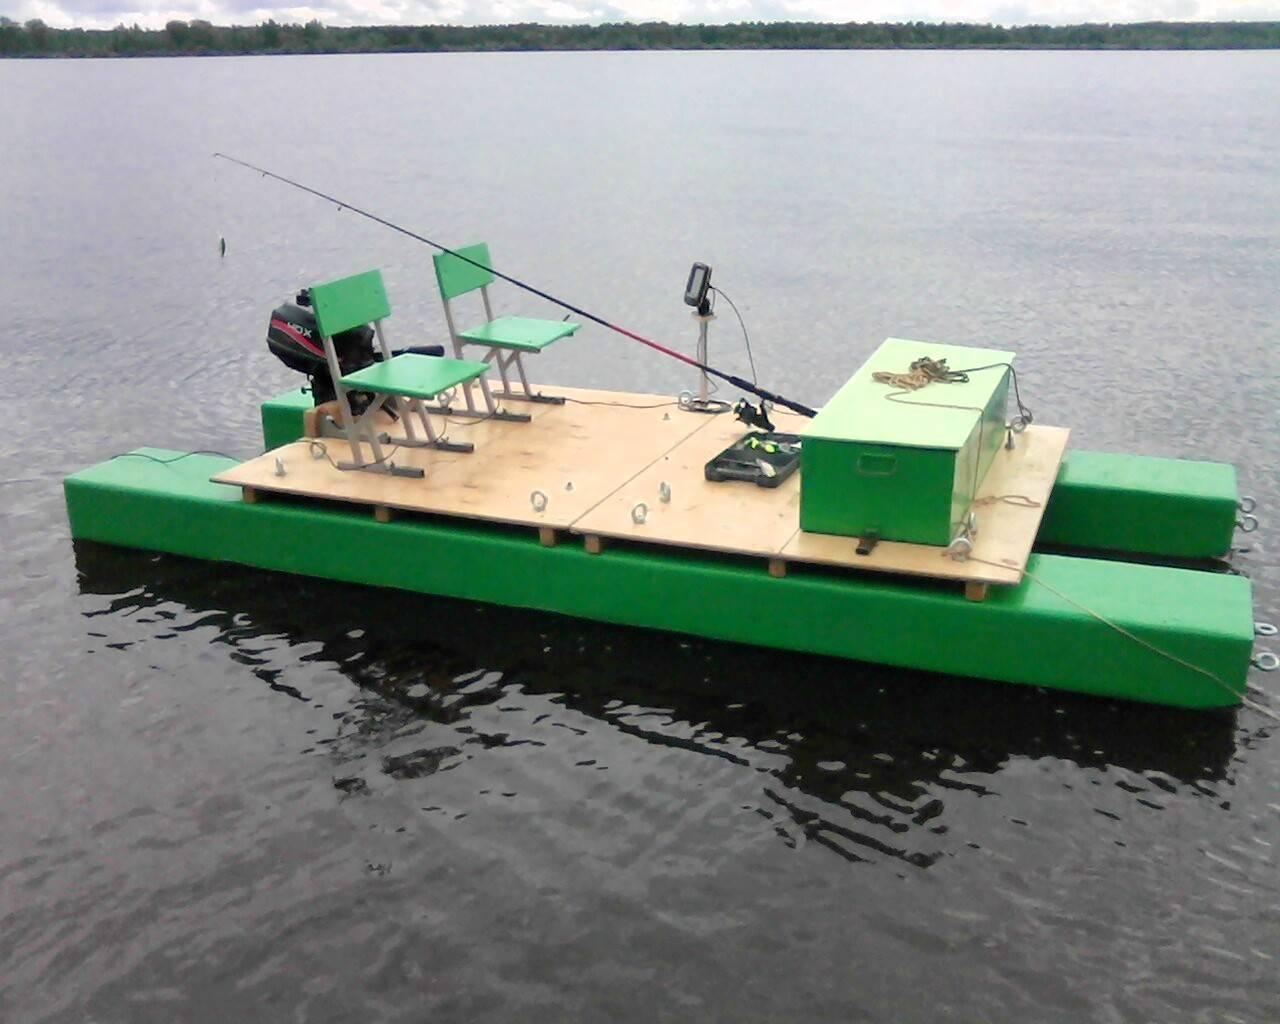 Парусная яхта-катамаран: проект и чертежи катамарана для самостоятельной постройки